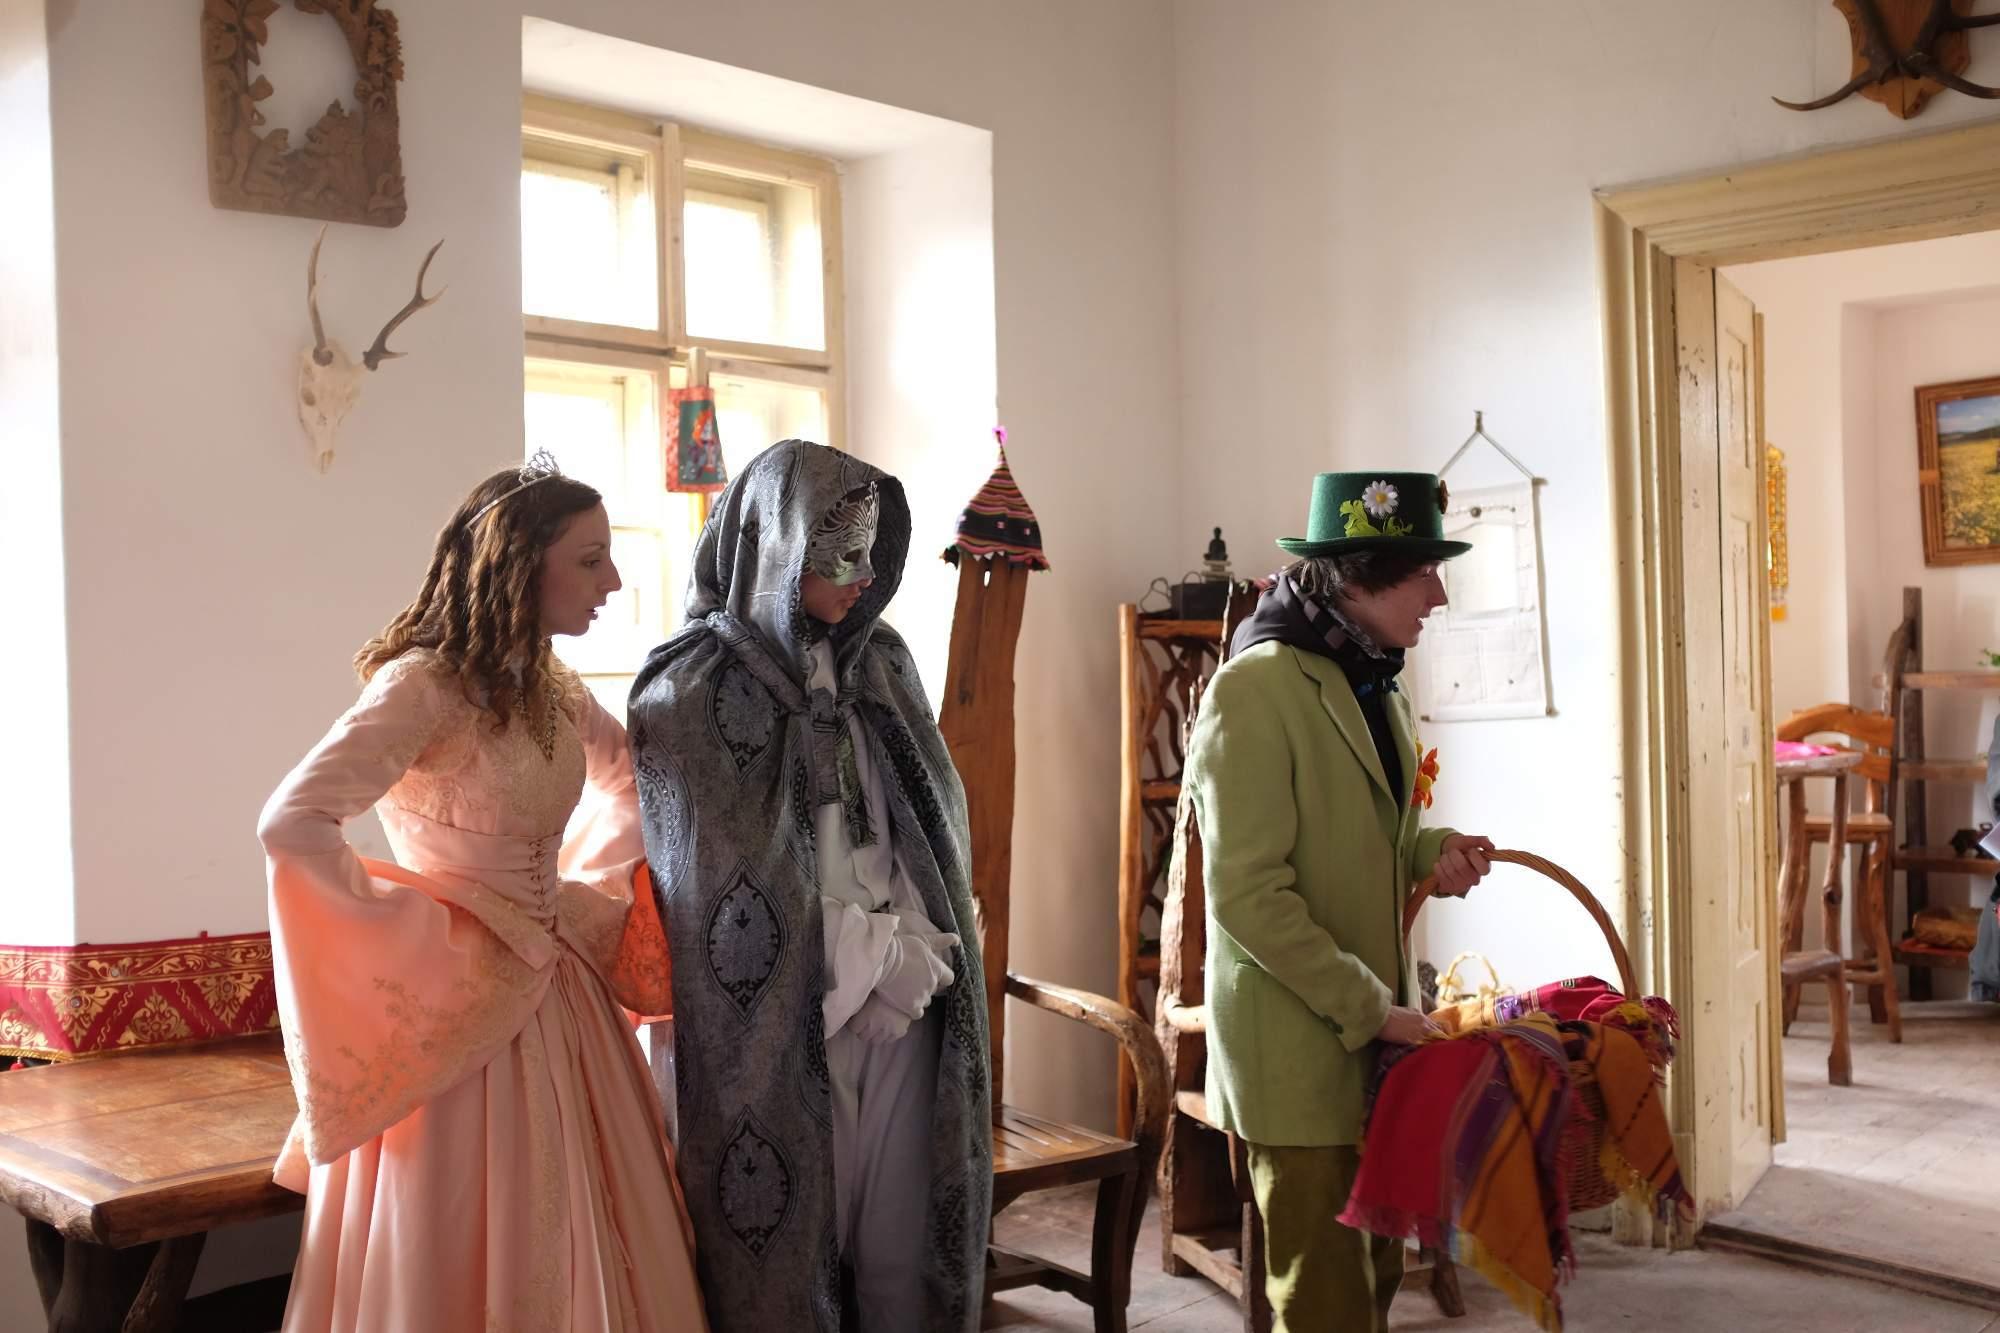 Pohádka v zámku Horní Libchava. Foto: Pavlína Černá